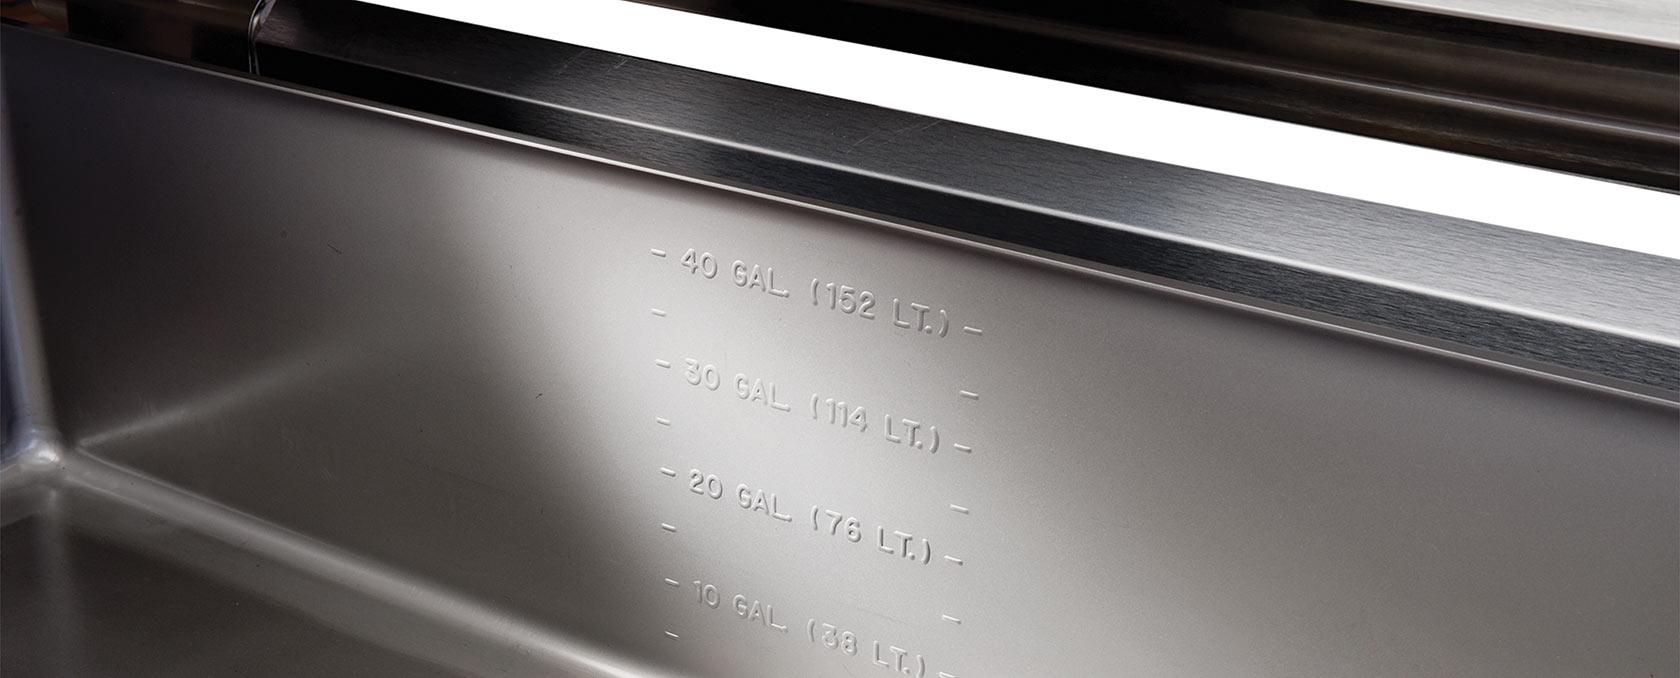 Generic kitchen braising pan